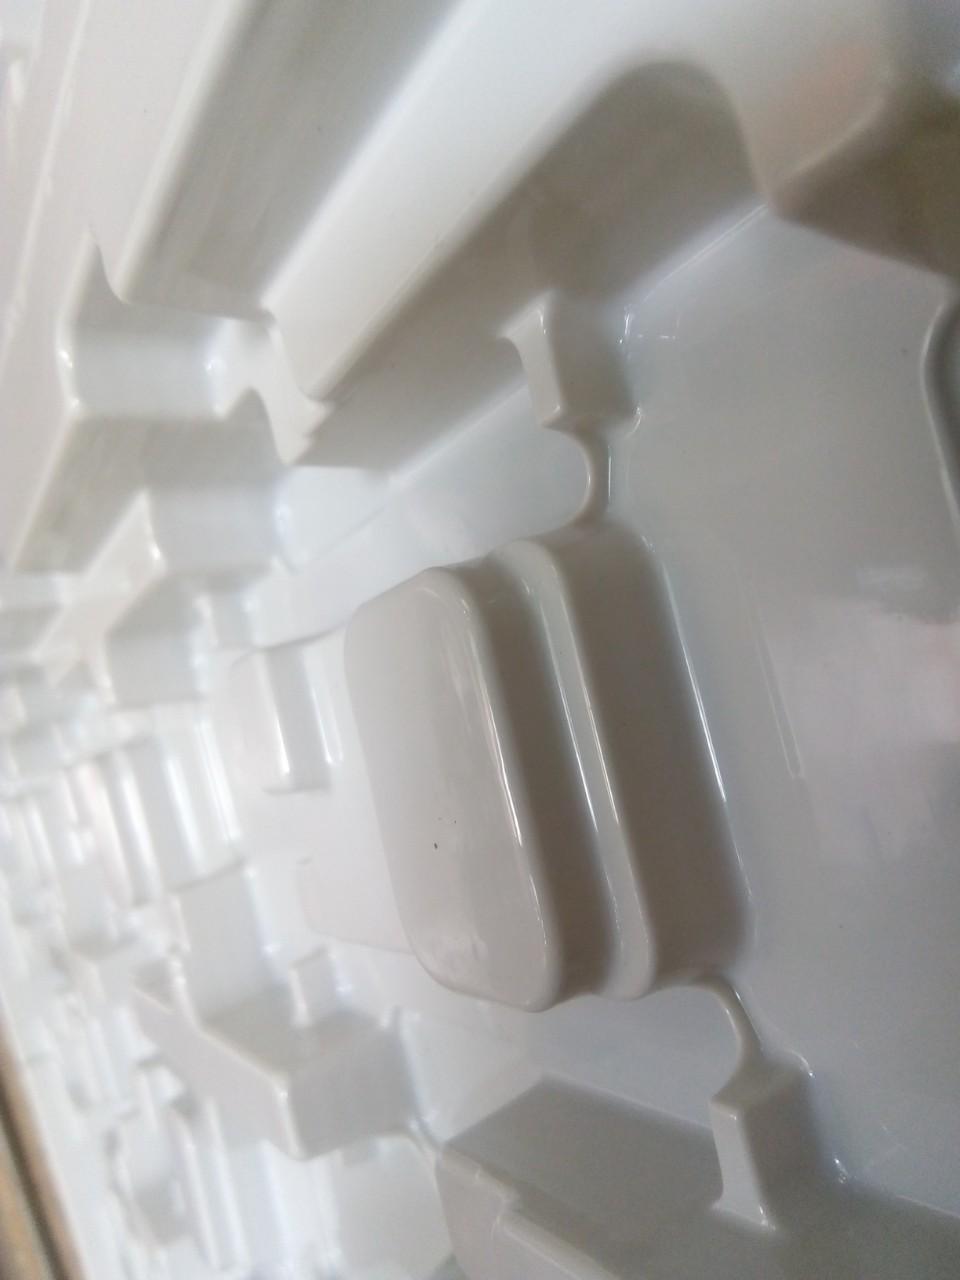 Khay nhựa thực phẩm